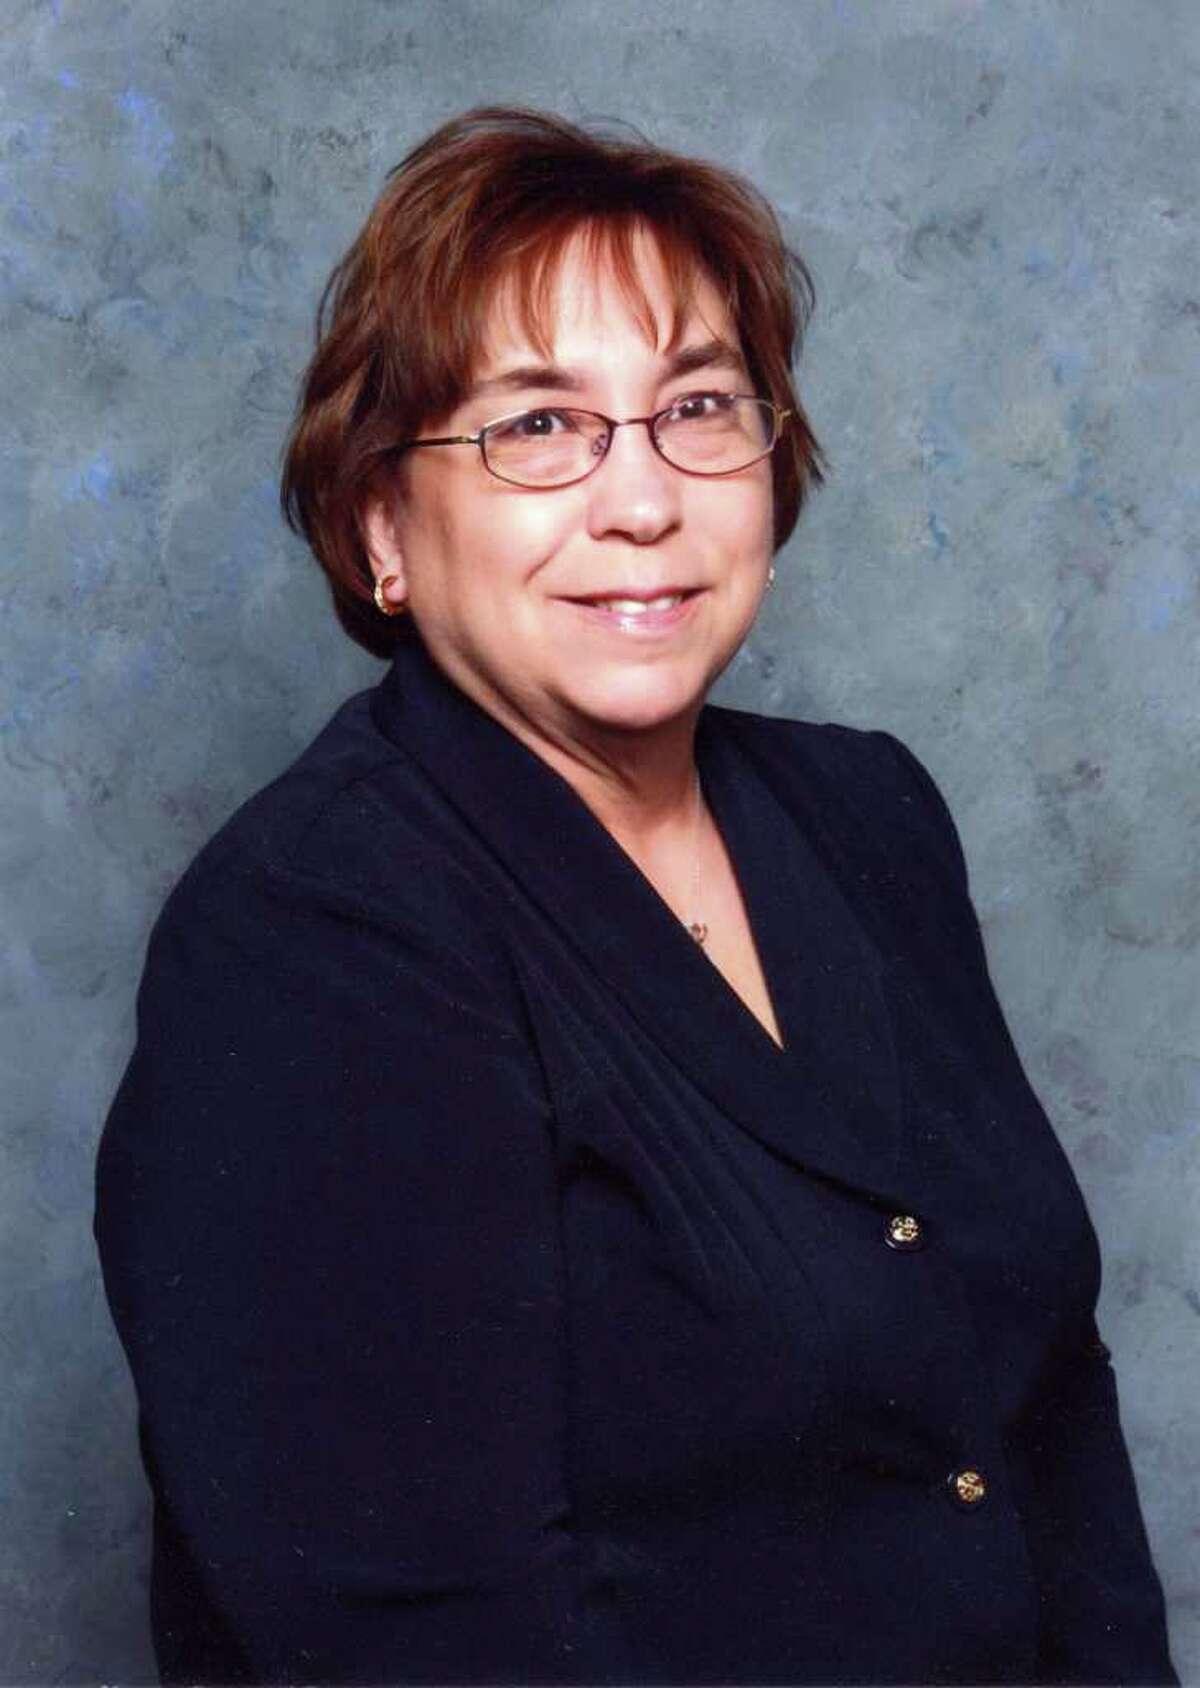 Laura Andruski